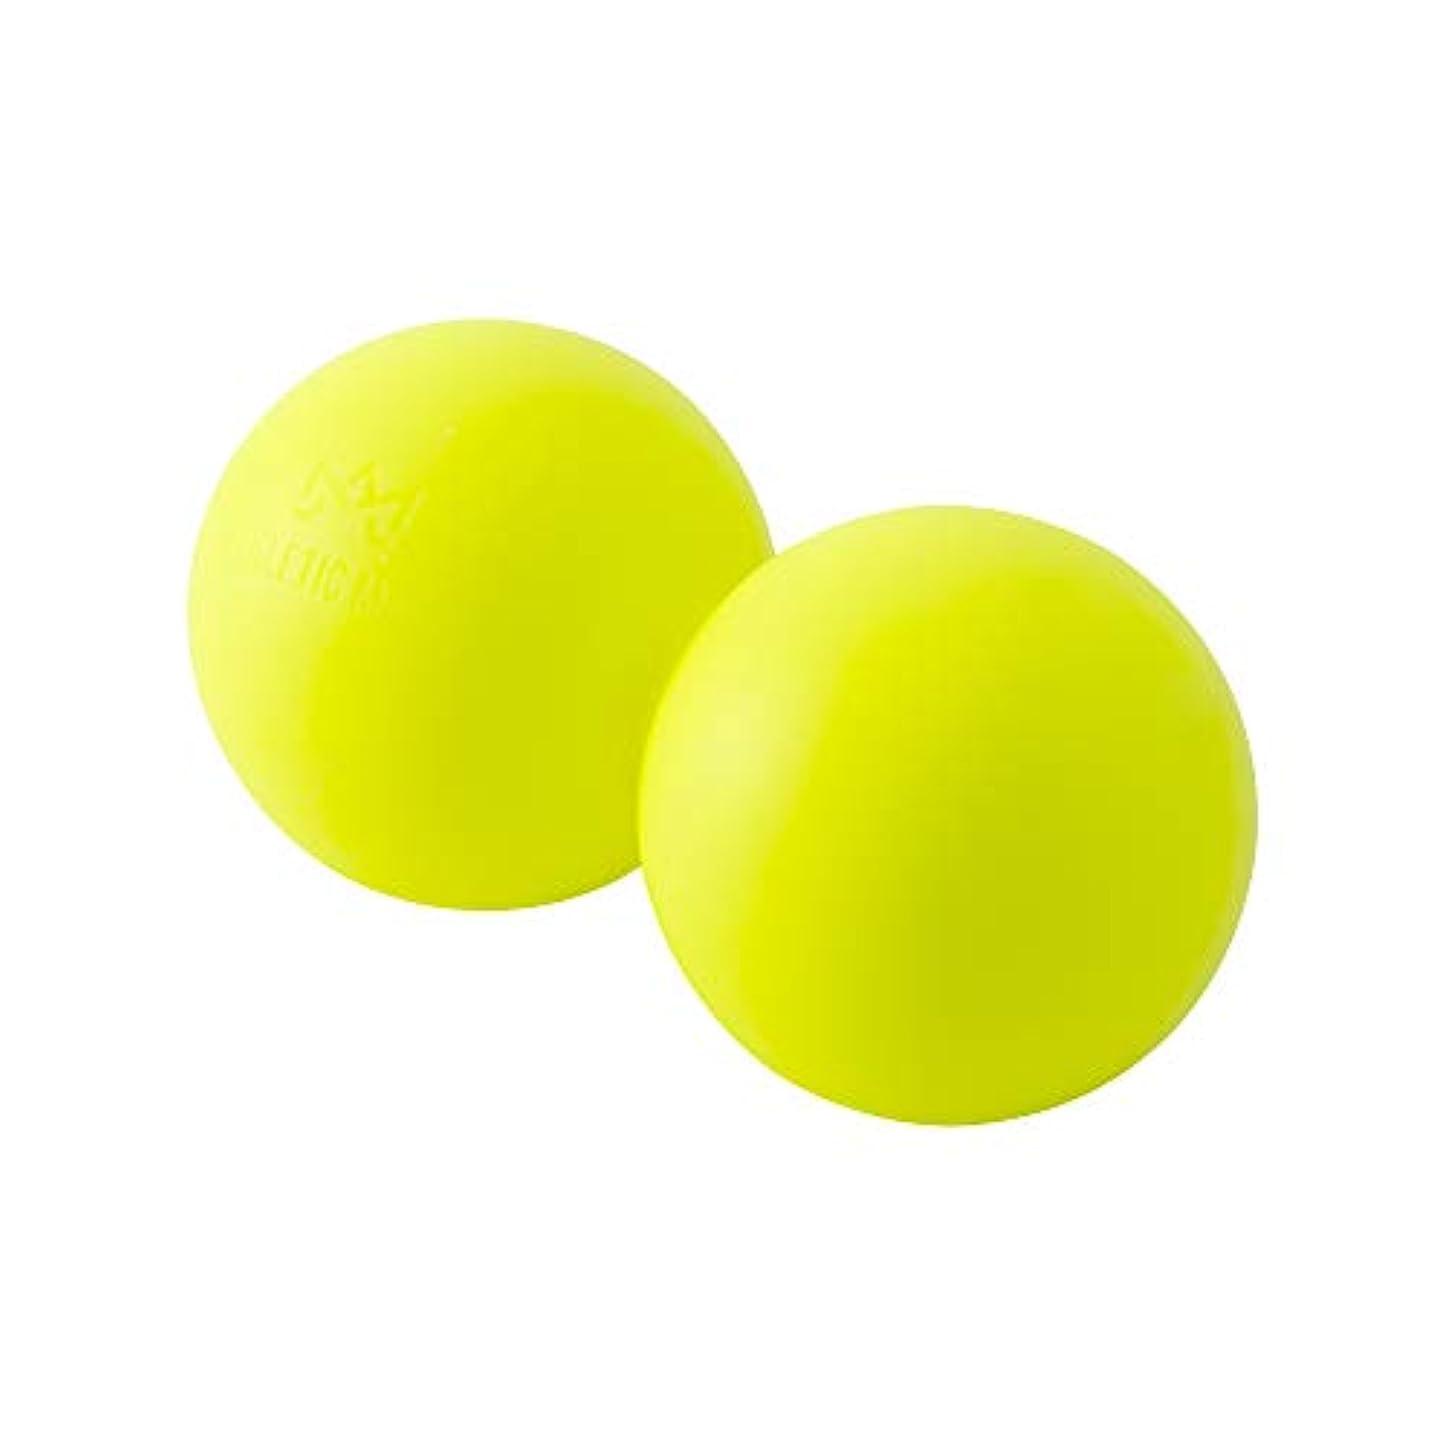 元に戻す風邪をひく子犬ATHLETIC MART ピーナッツ型ストレッチボール マッサージボール ラクロスボール2個サイズ ツボ押し (蛍光イエロー)